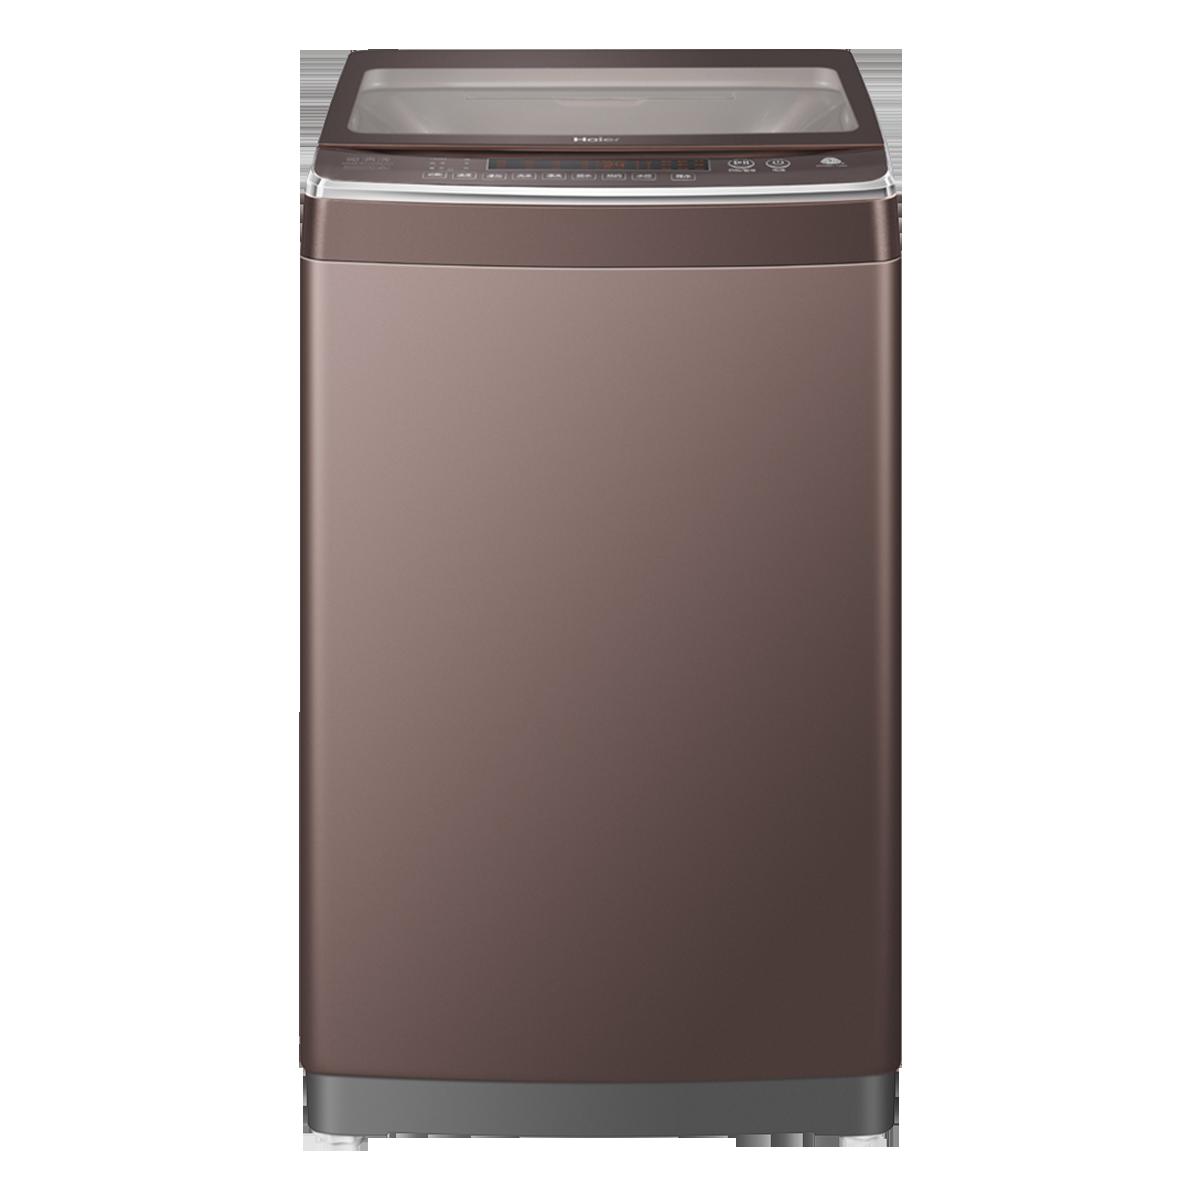 海尔Haier洗衣机 MS85-BZ15288JU1 说明书